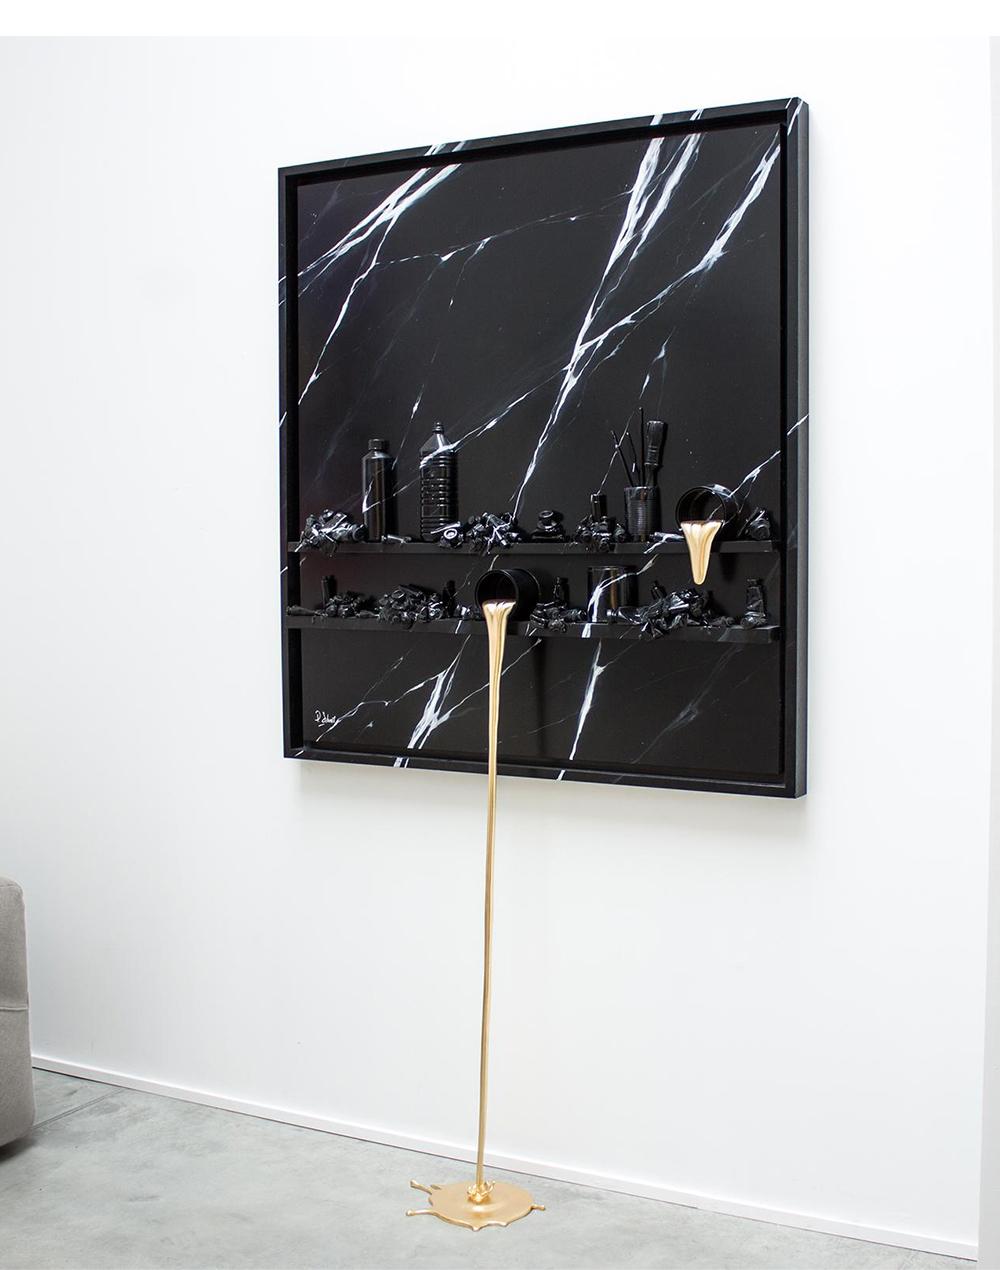 Paul Sibuet - Eden Gallery